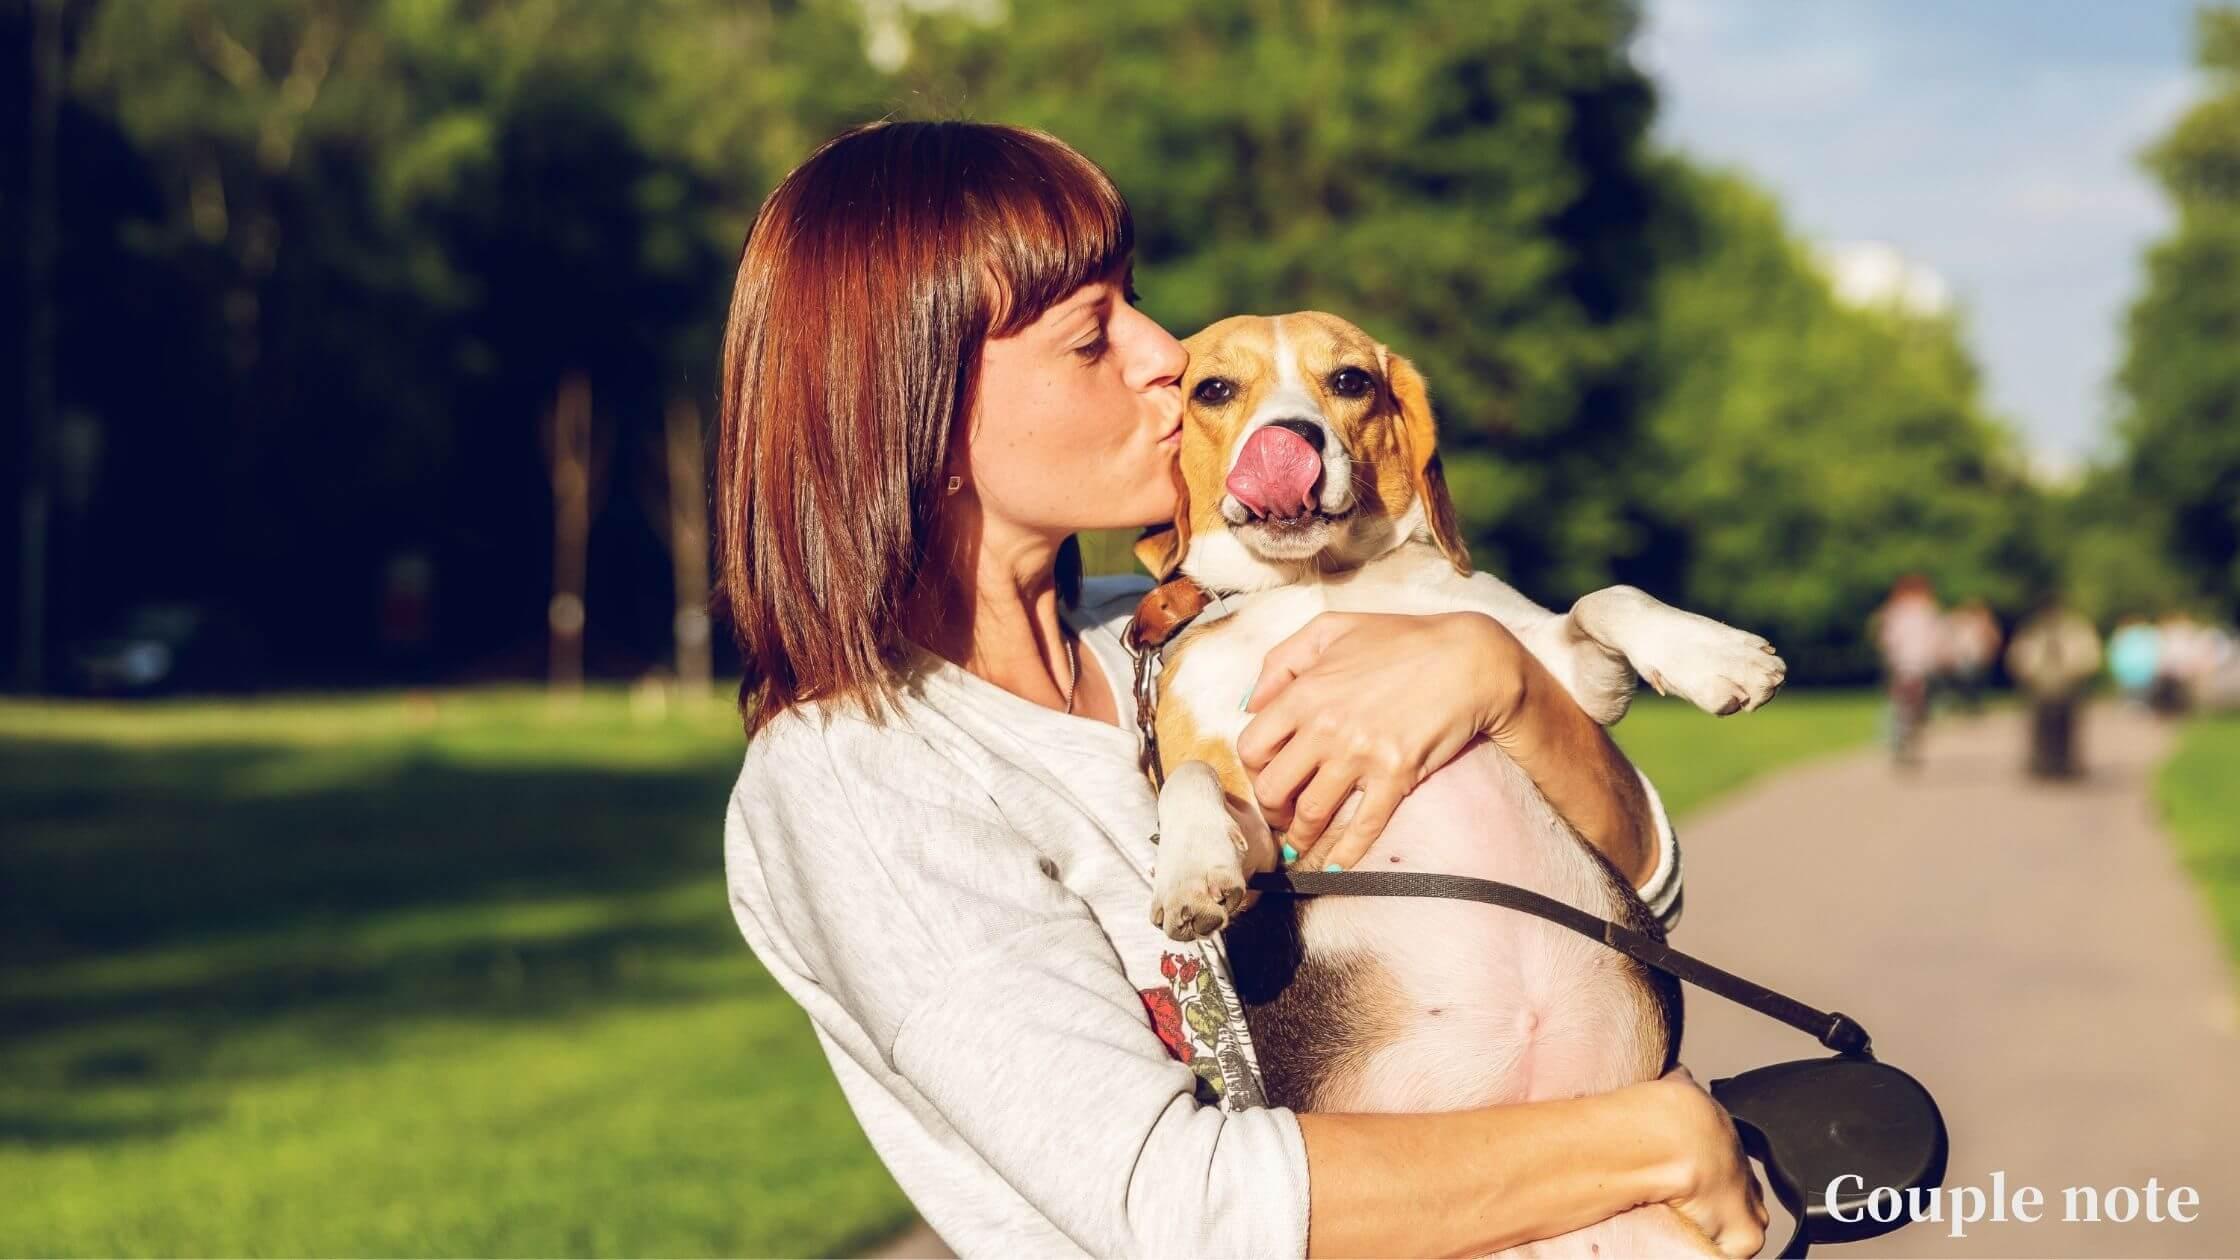 【犬を救う】早食い防止おすすめ食器7選【ランキング形式で紹介】